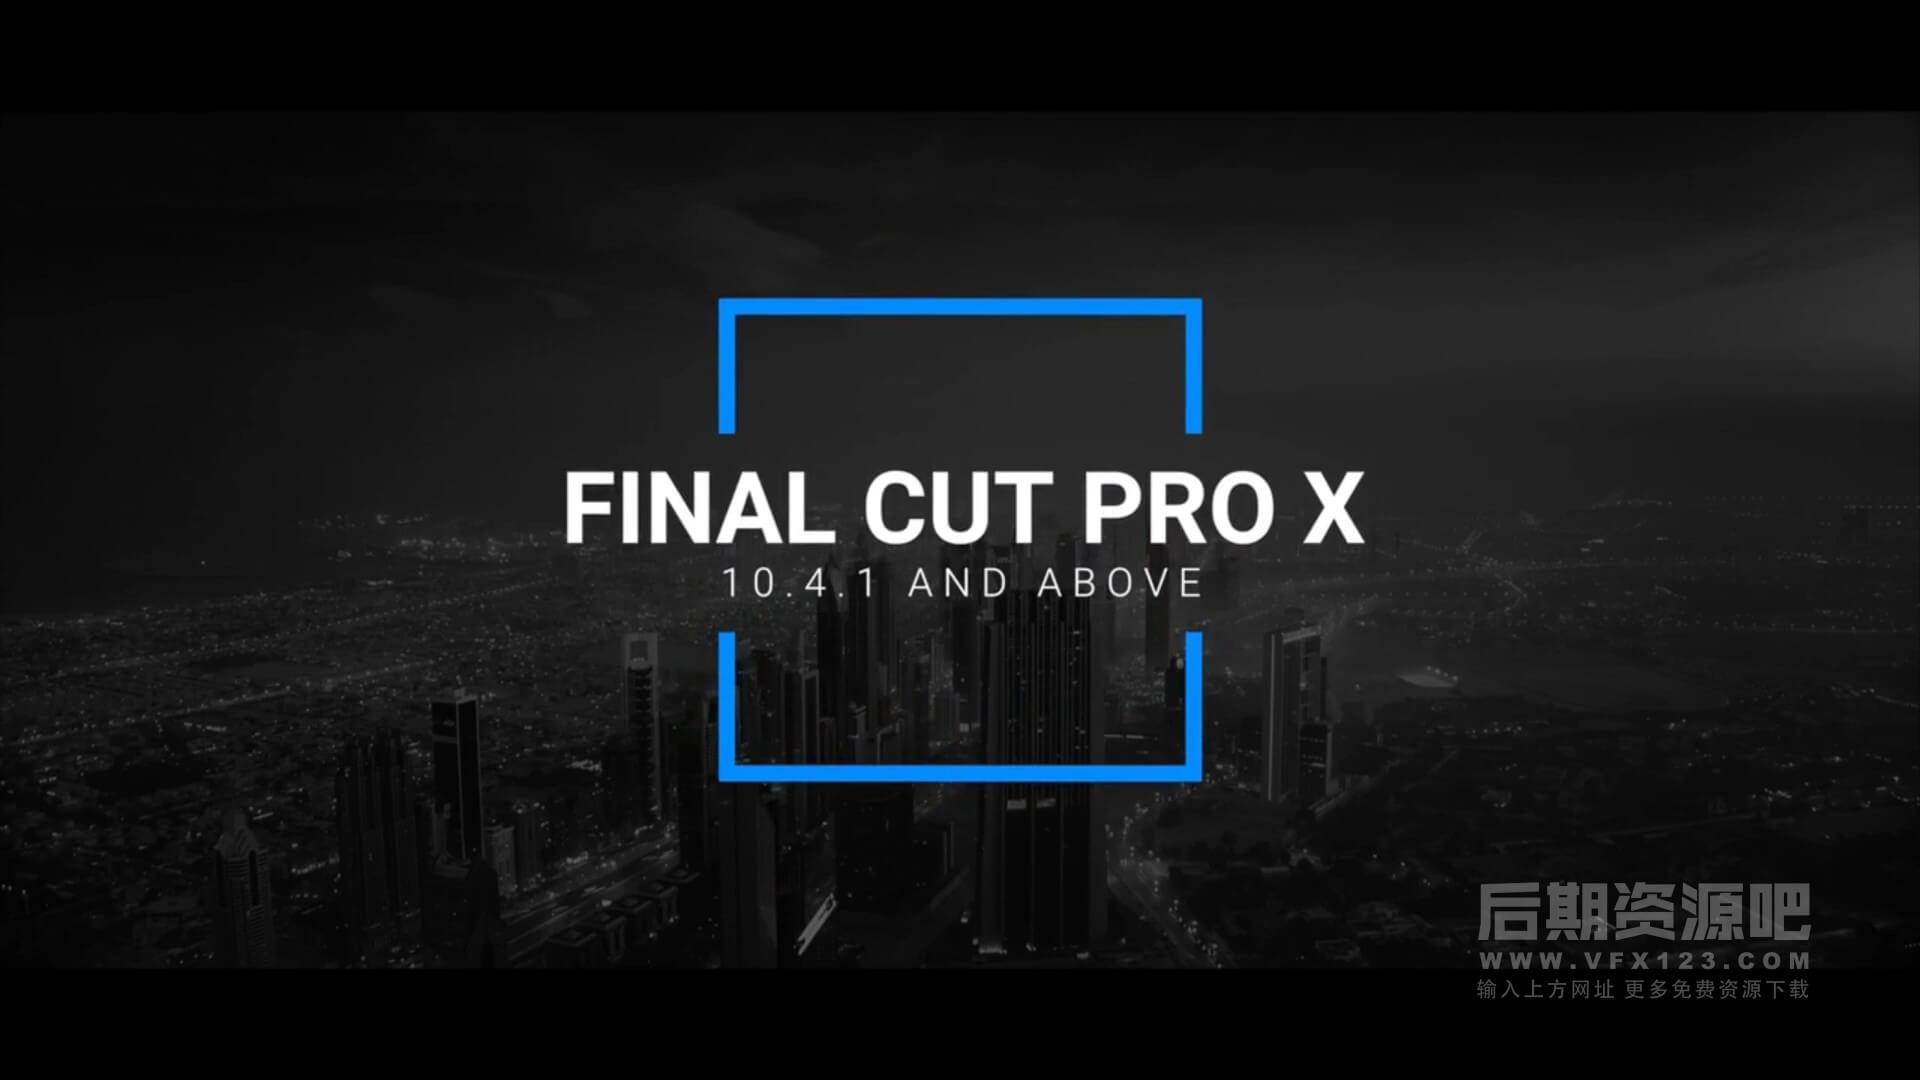 fcpx标题插件 10个简约干净标题模板 Clean Titles